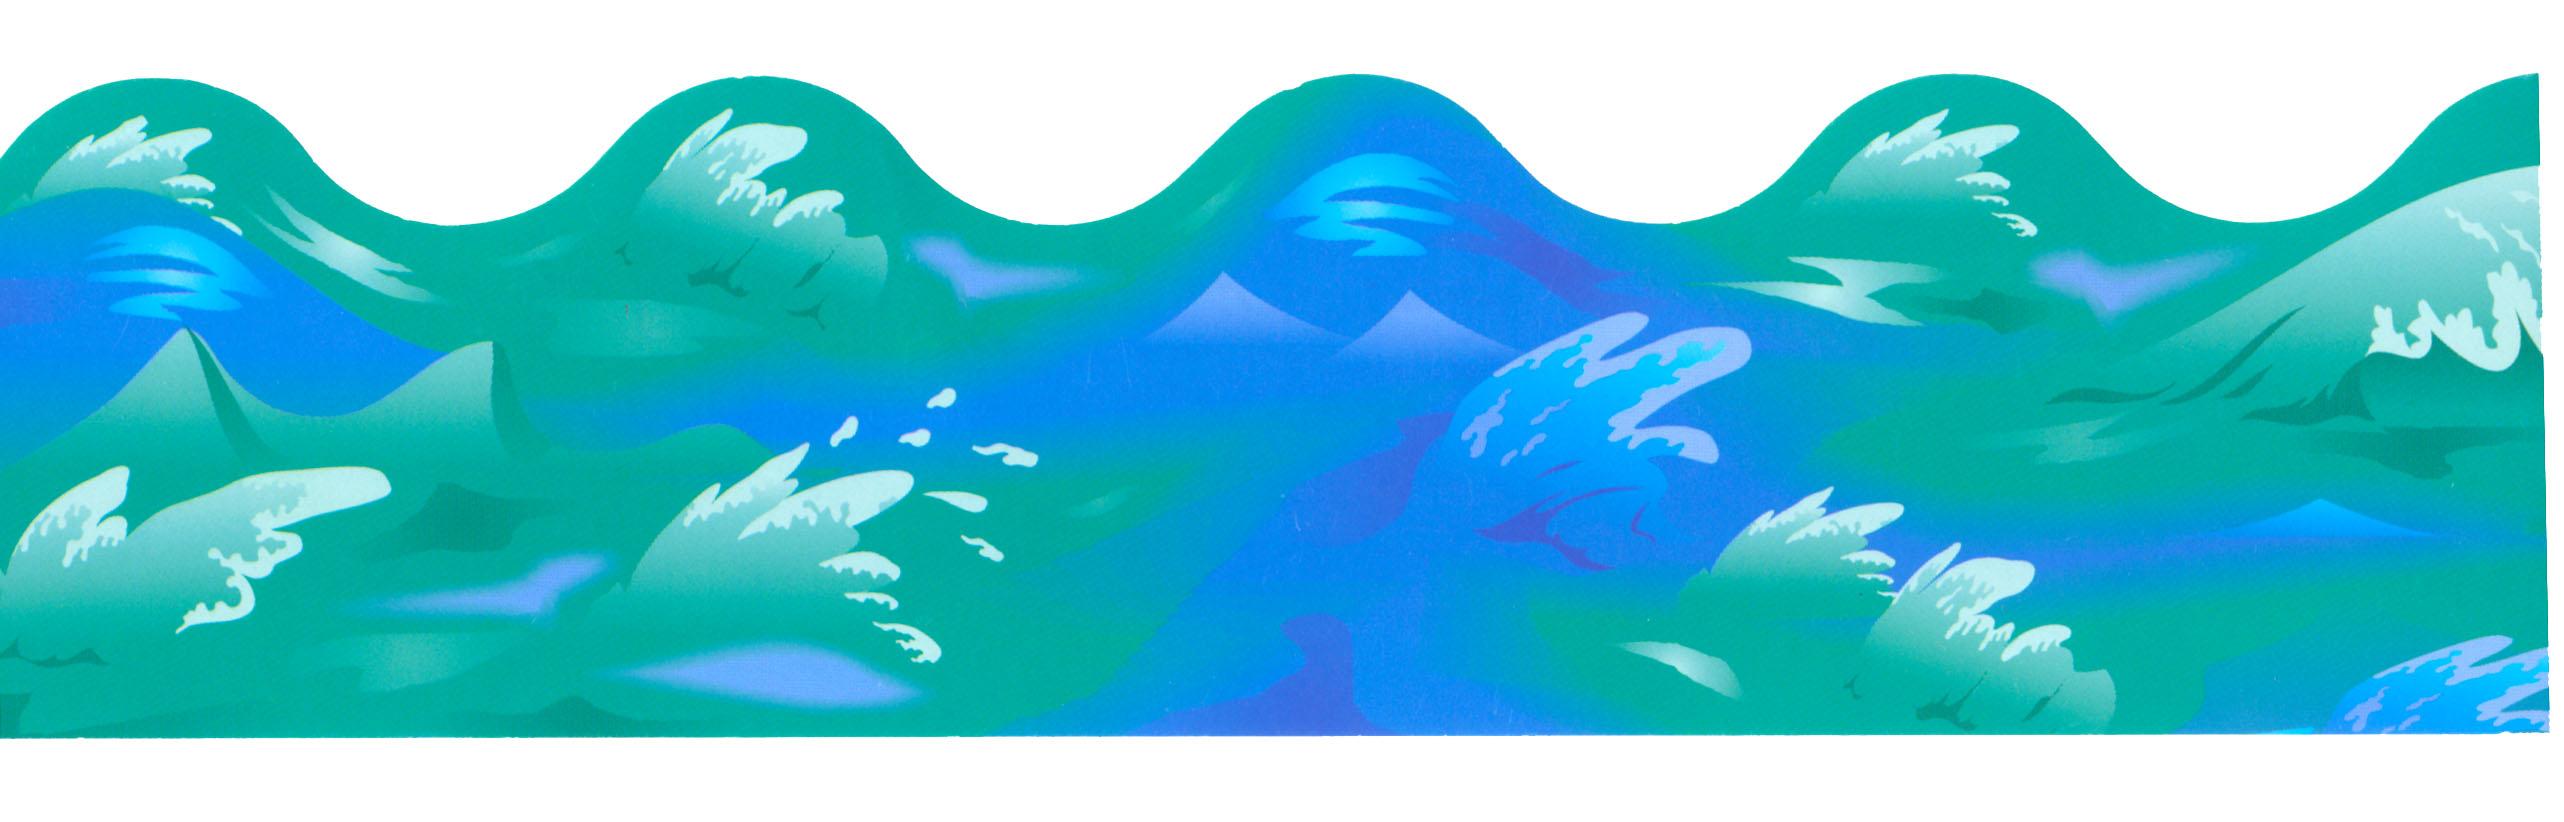 2564x822 Ocean Clipart Beach Wave